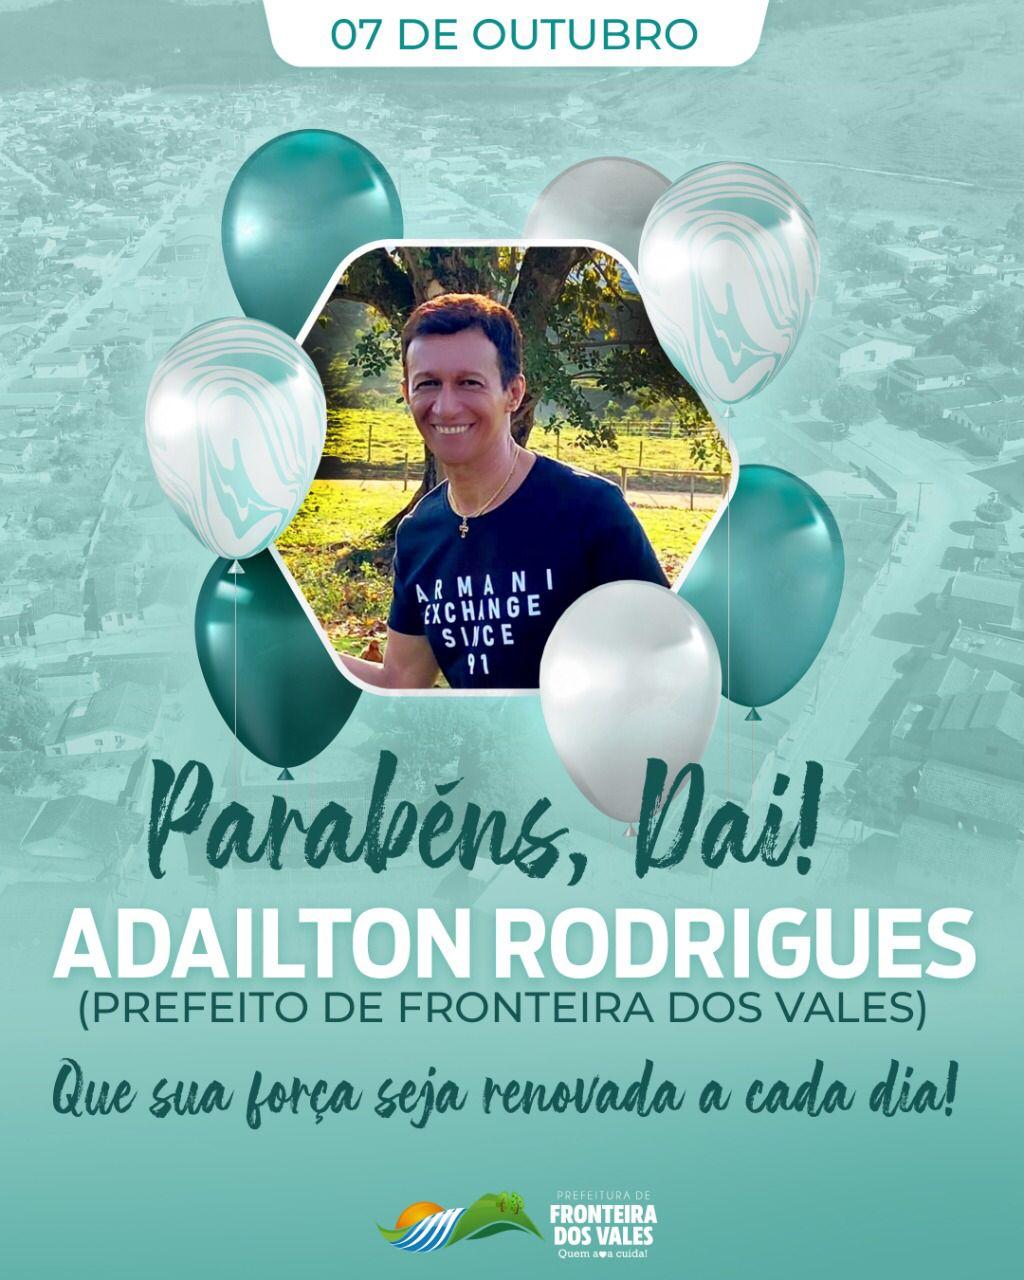 PARABÉNS, DAI! PREFEITO DE FRONTEIRA DOS VALES